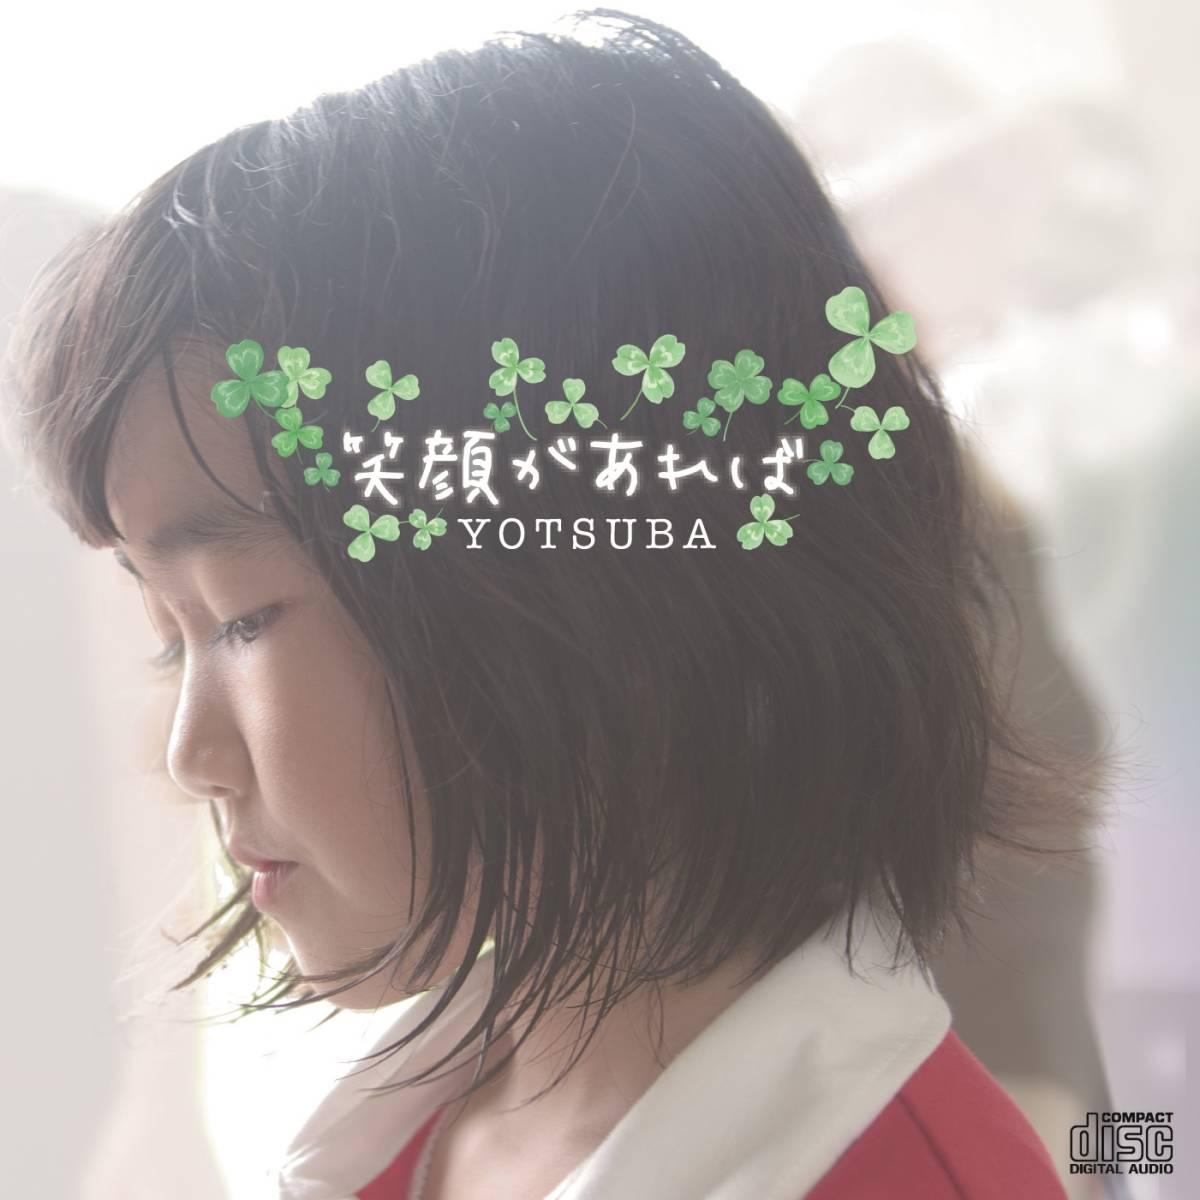 【笑顔があれば】 10歳のシンガーソングライター「YOTSUBA」の最新アルバム_画像1